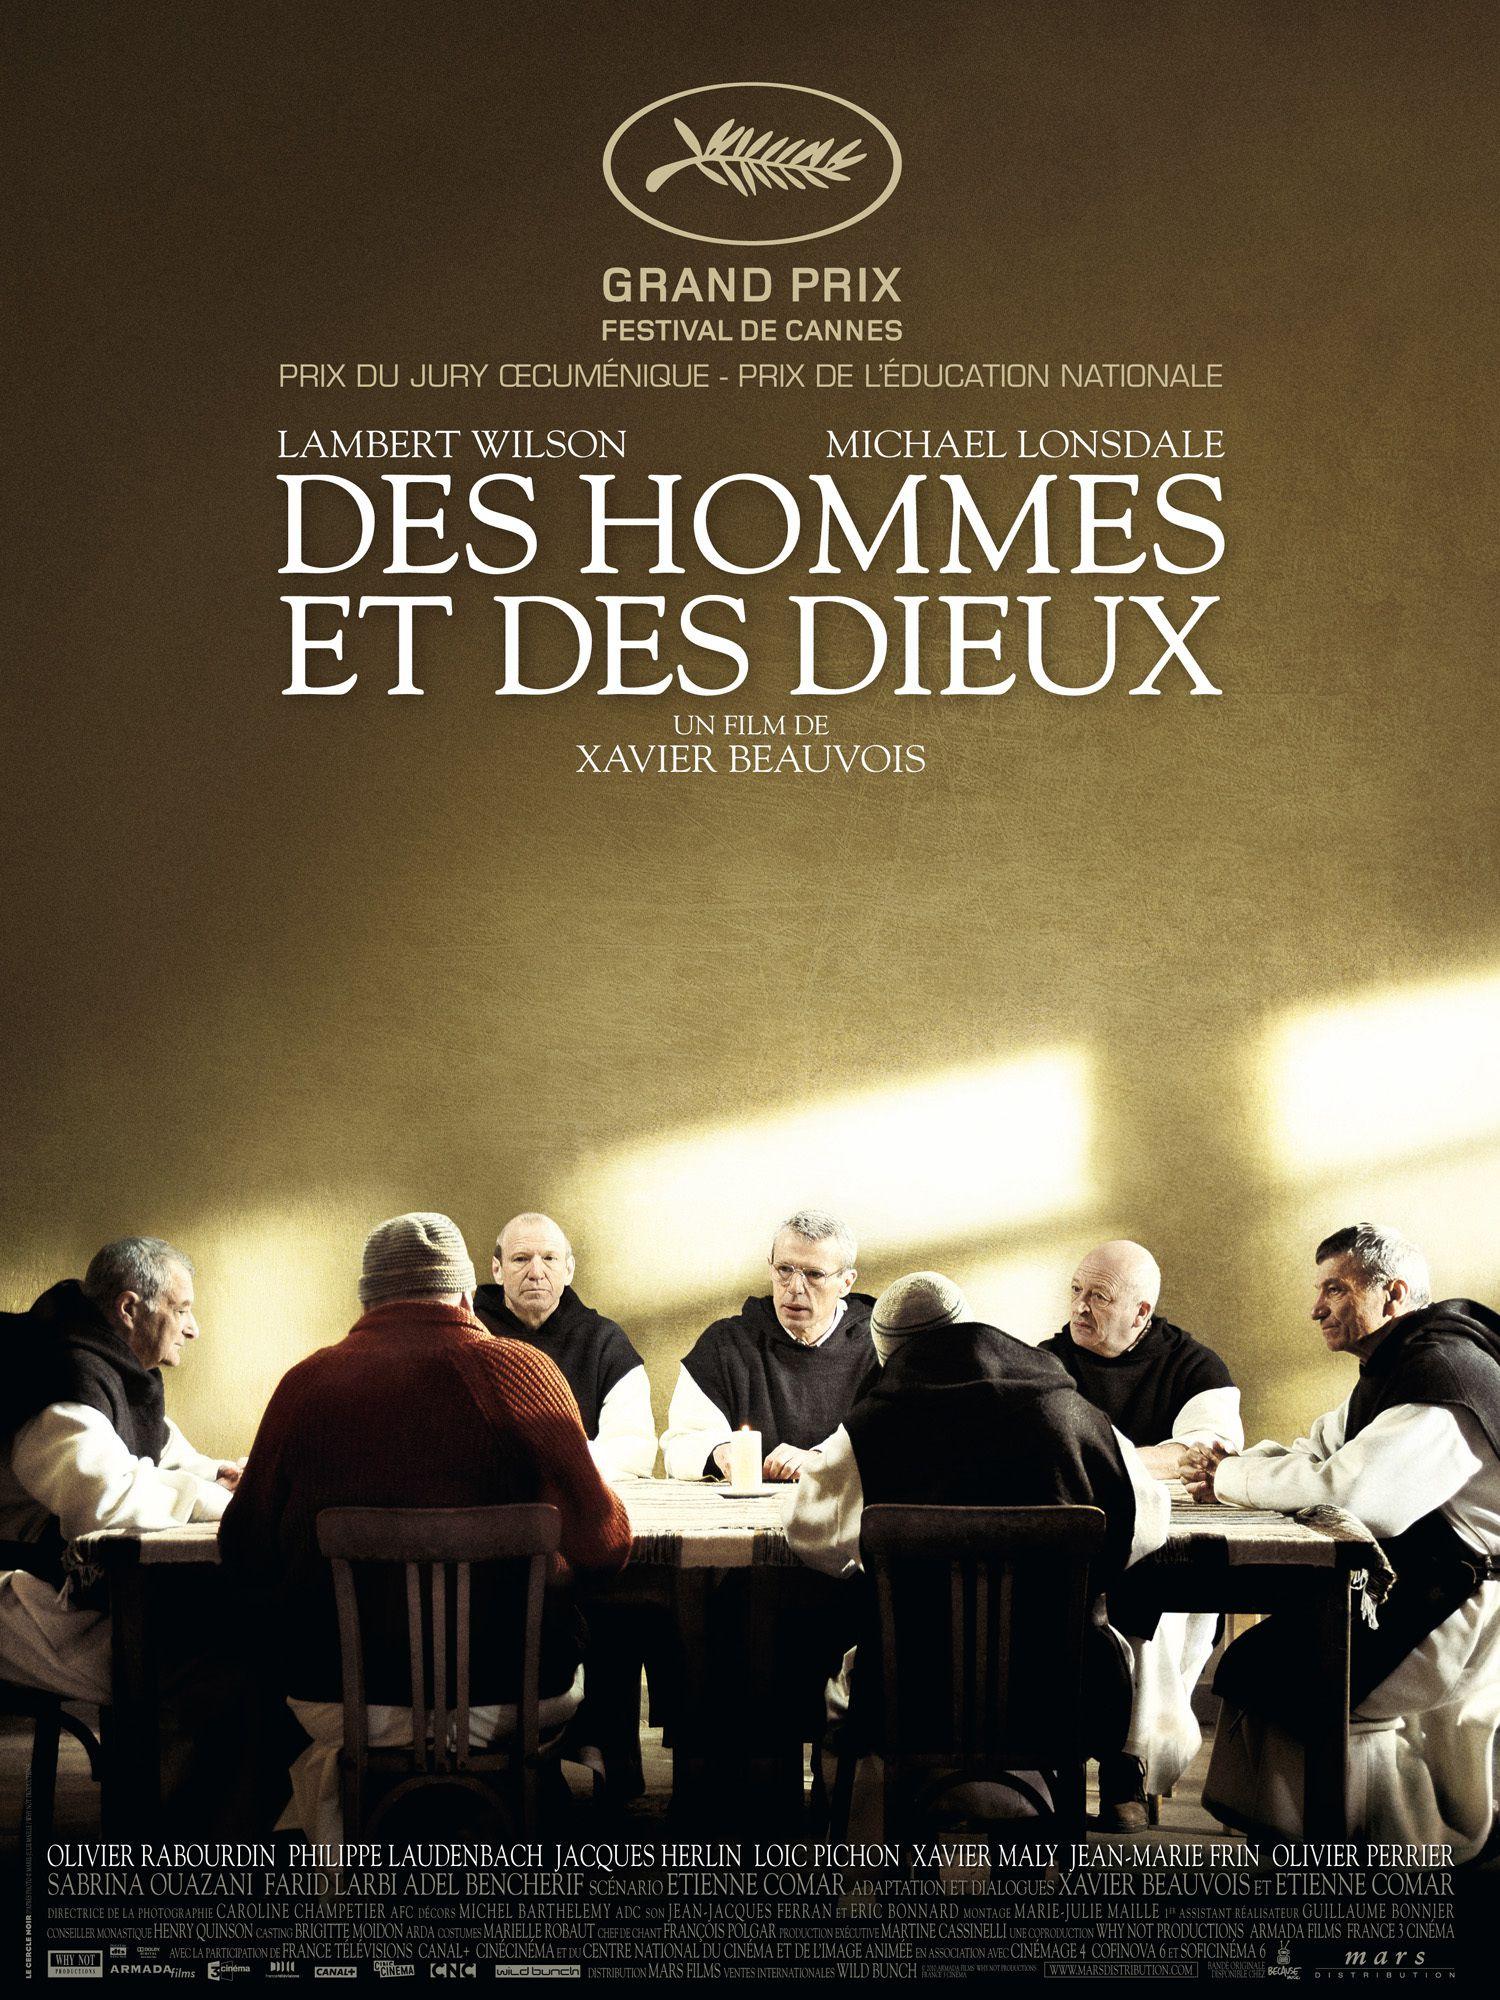 Des hommes et des dieux - Film (2010)